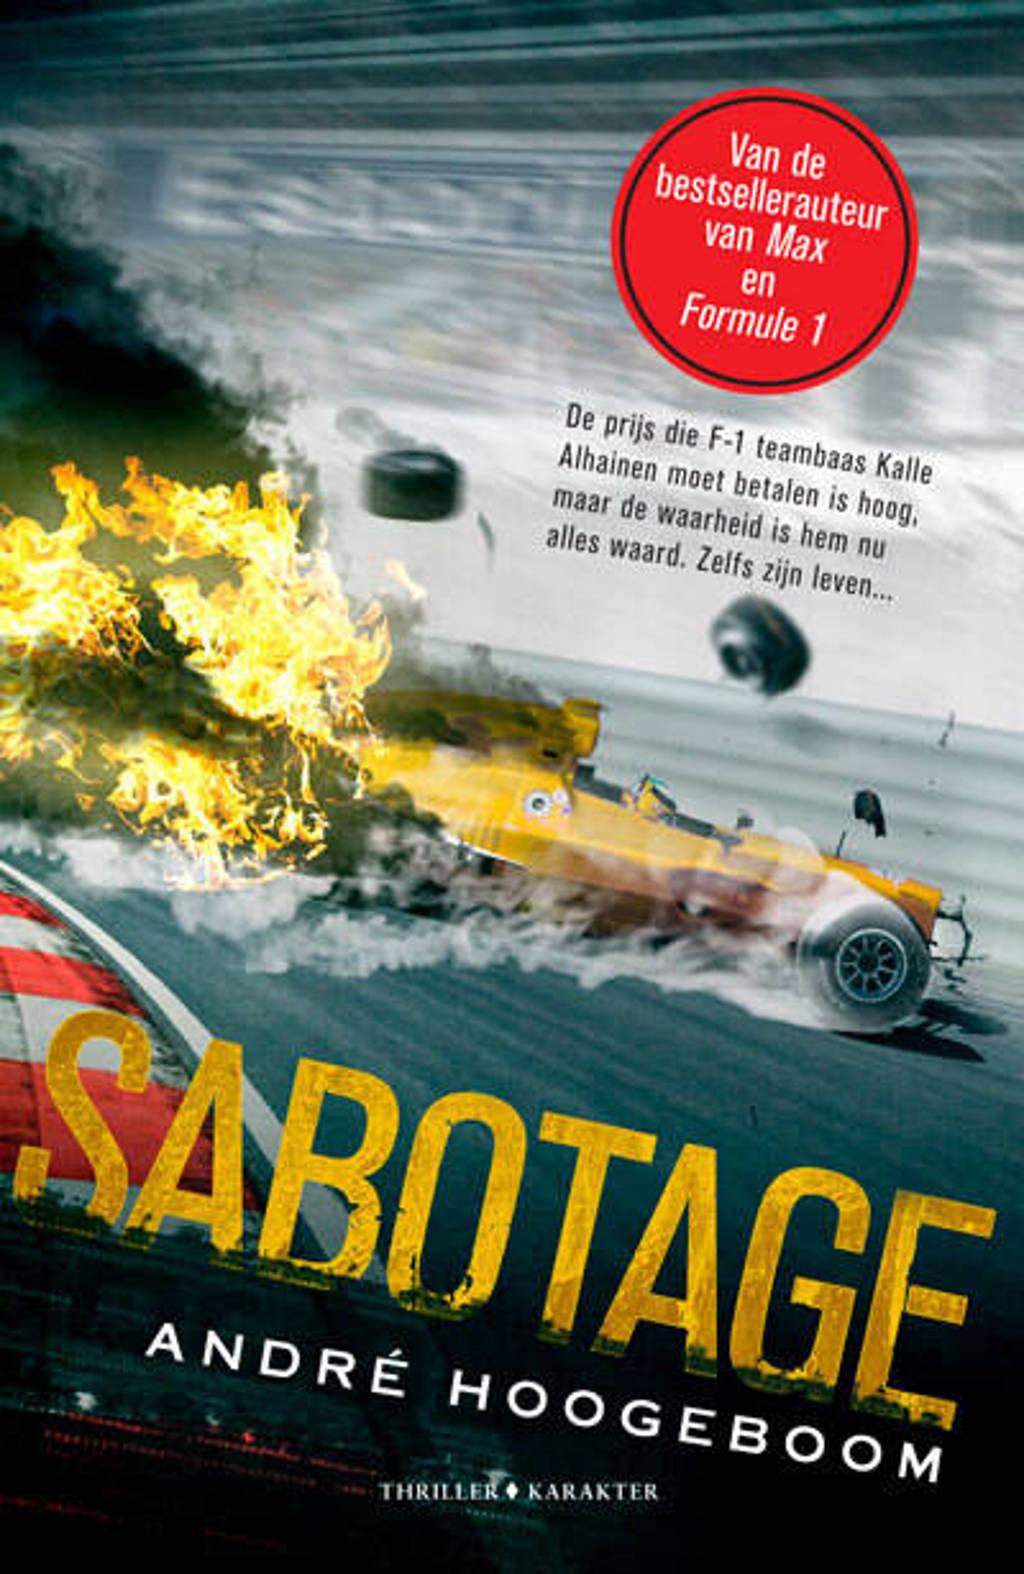 Sabotage - André Hoogeboom